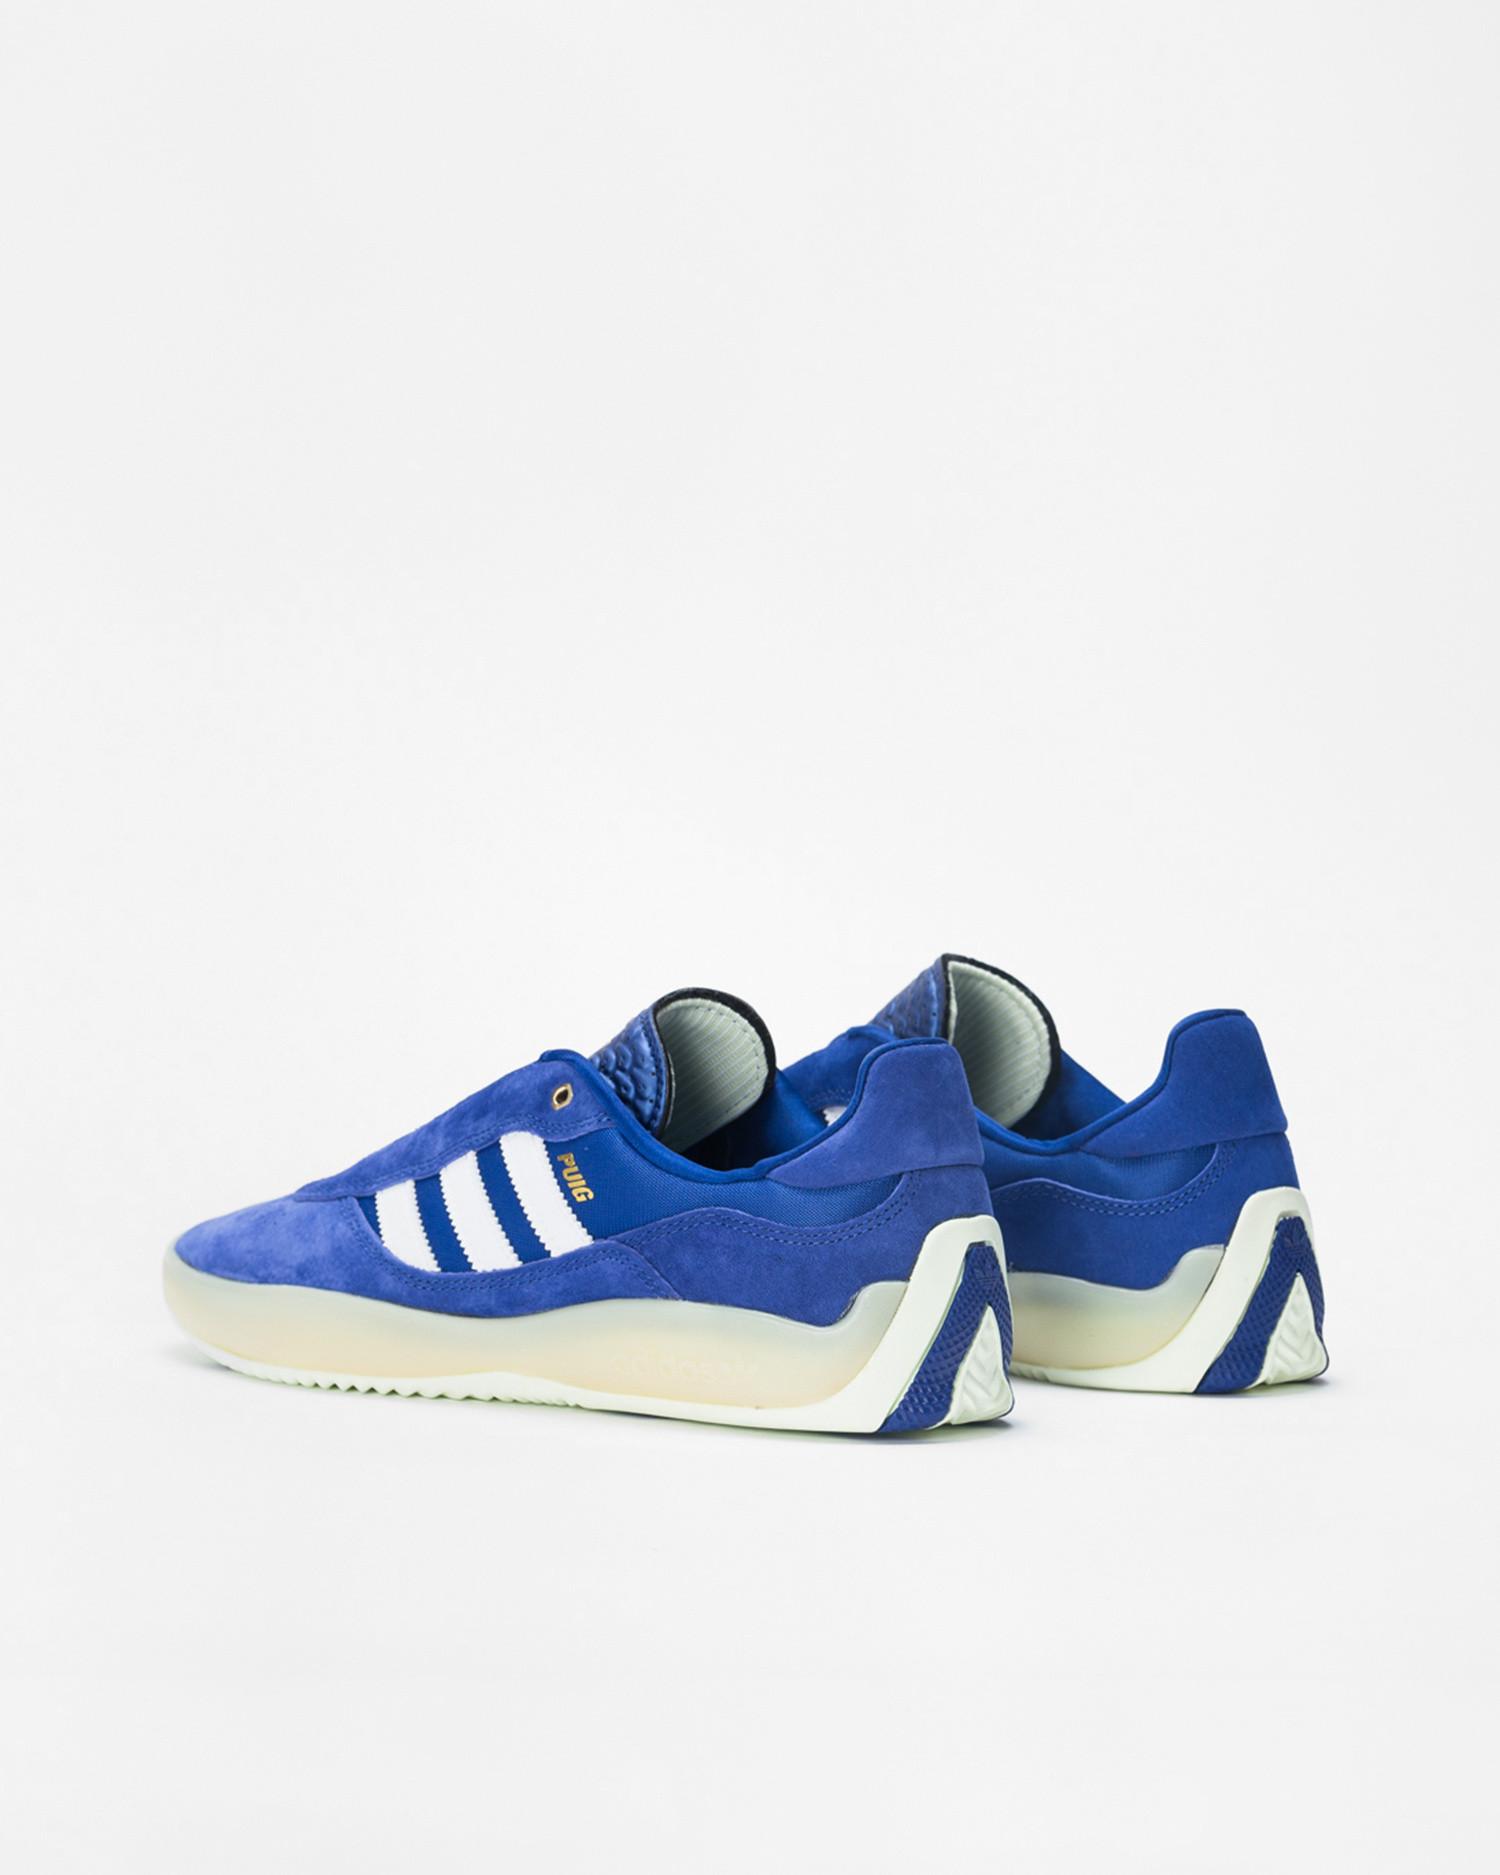 Adidas Puig Mysink/Ftwwht